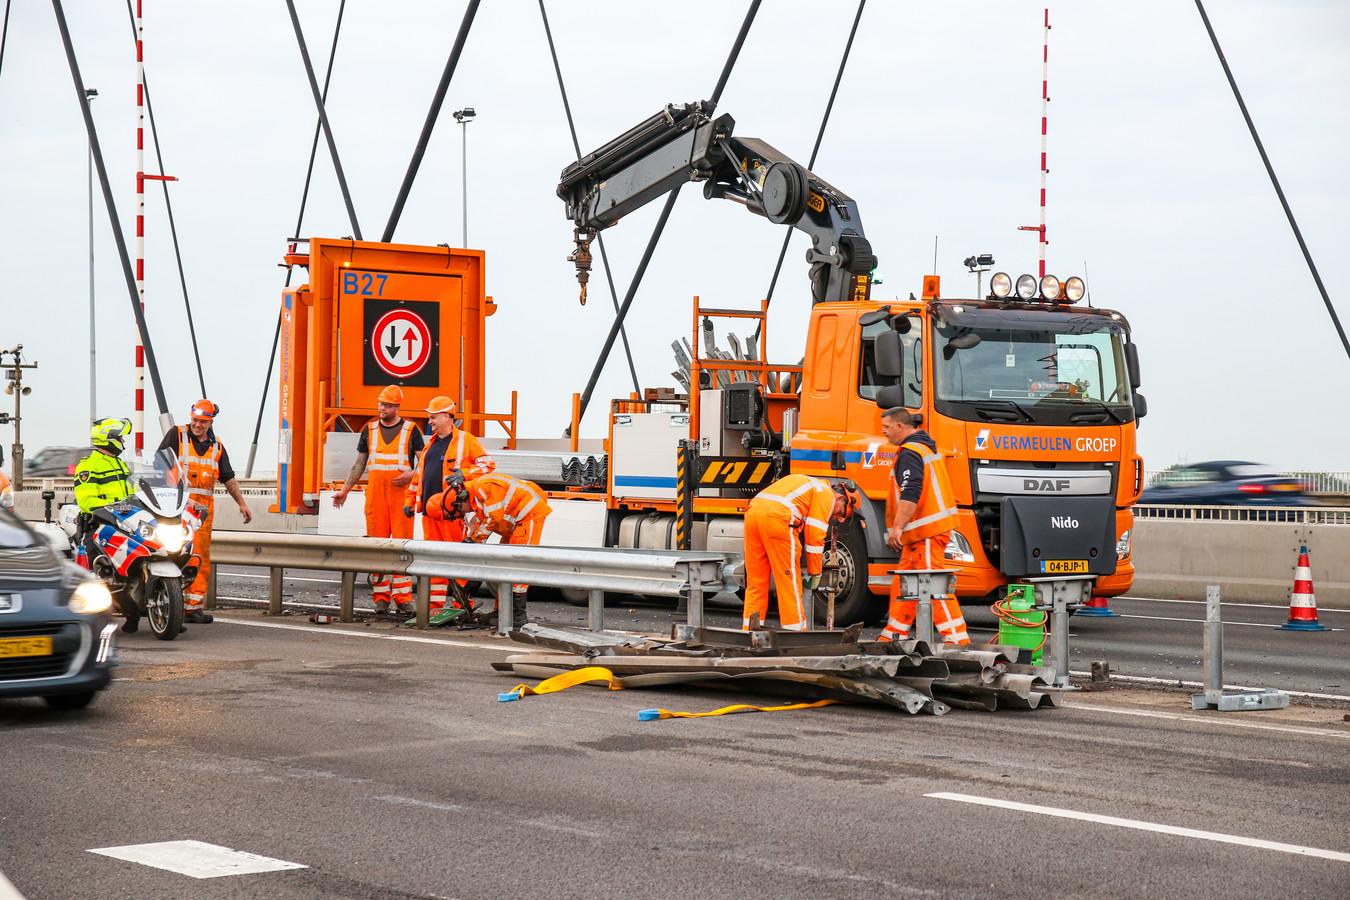 De A16 was gedeeltelijk afgesloten door herstelwerkzaamheden.